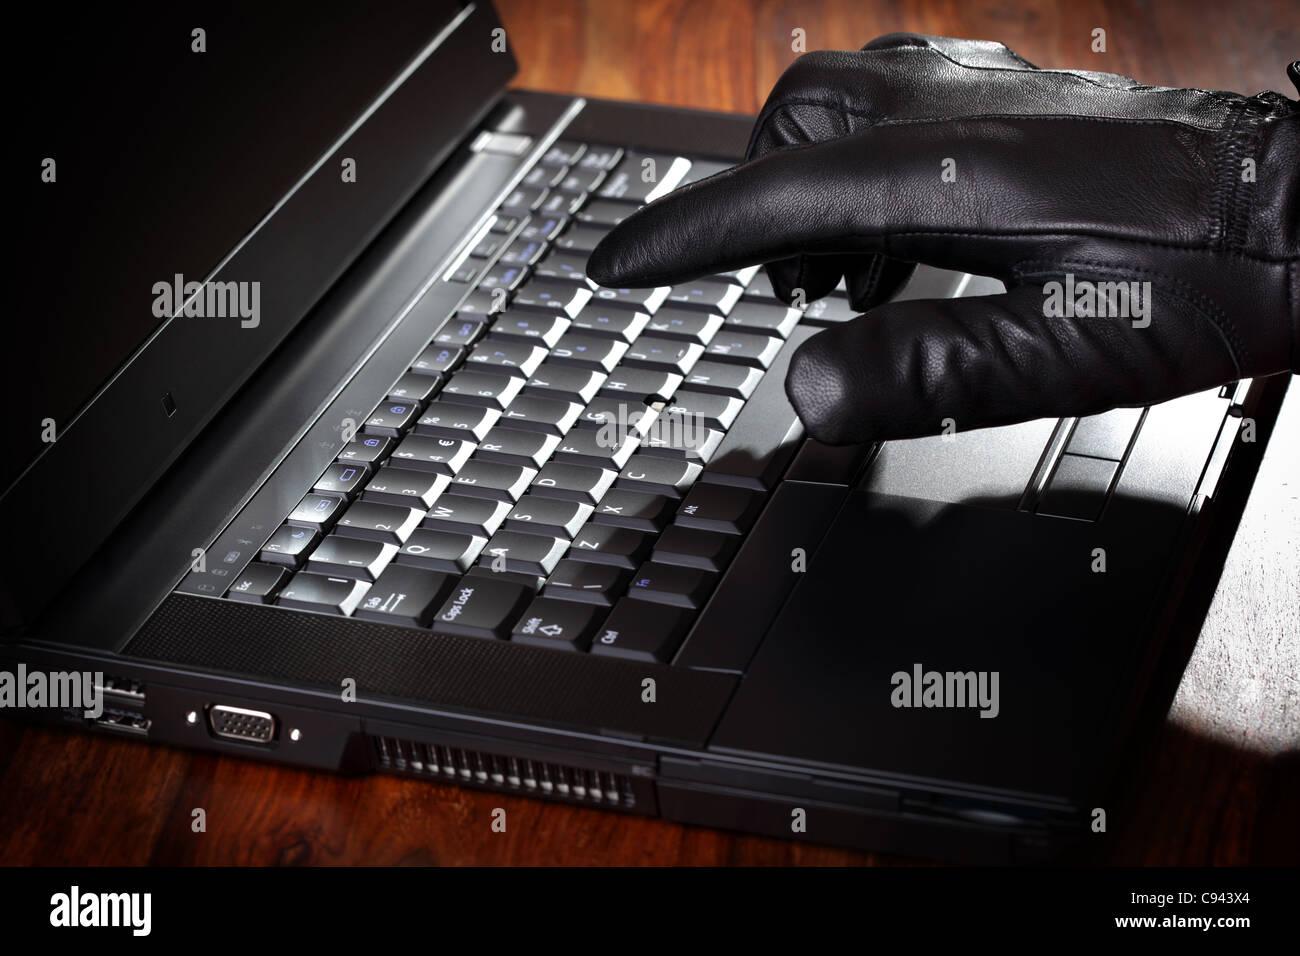 Uomo di rubare i dati da un computer portatile Immagini Stock